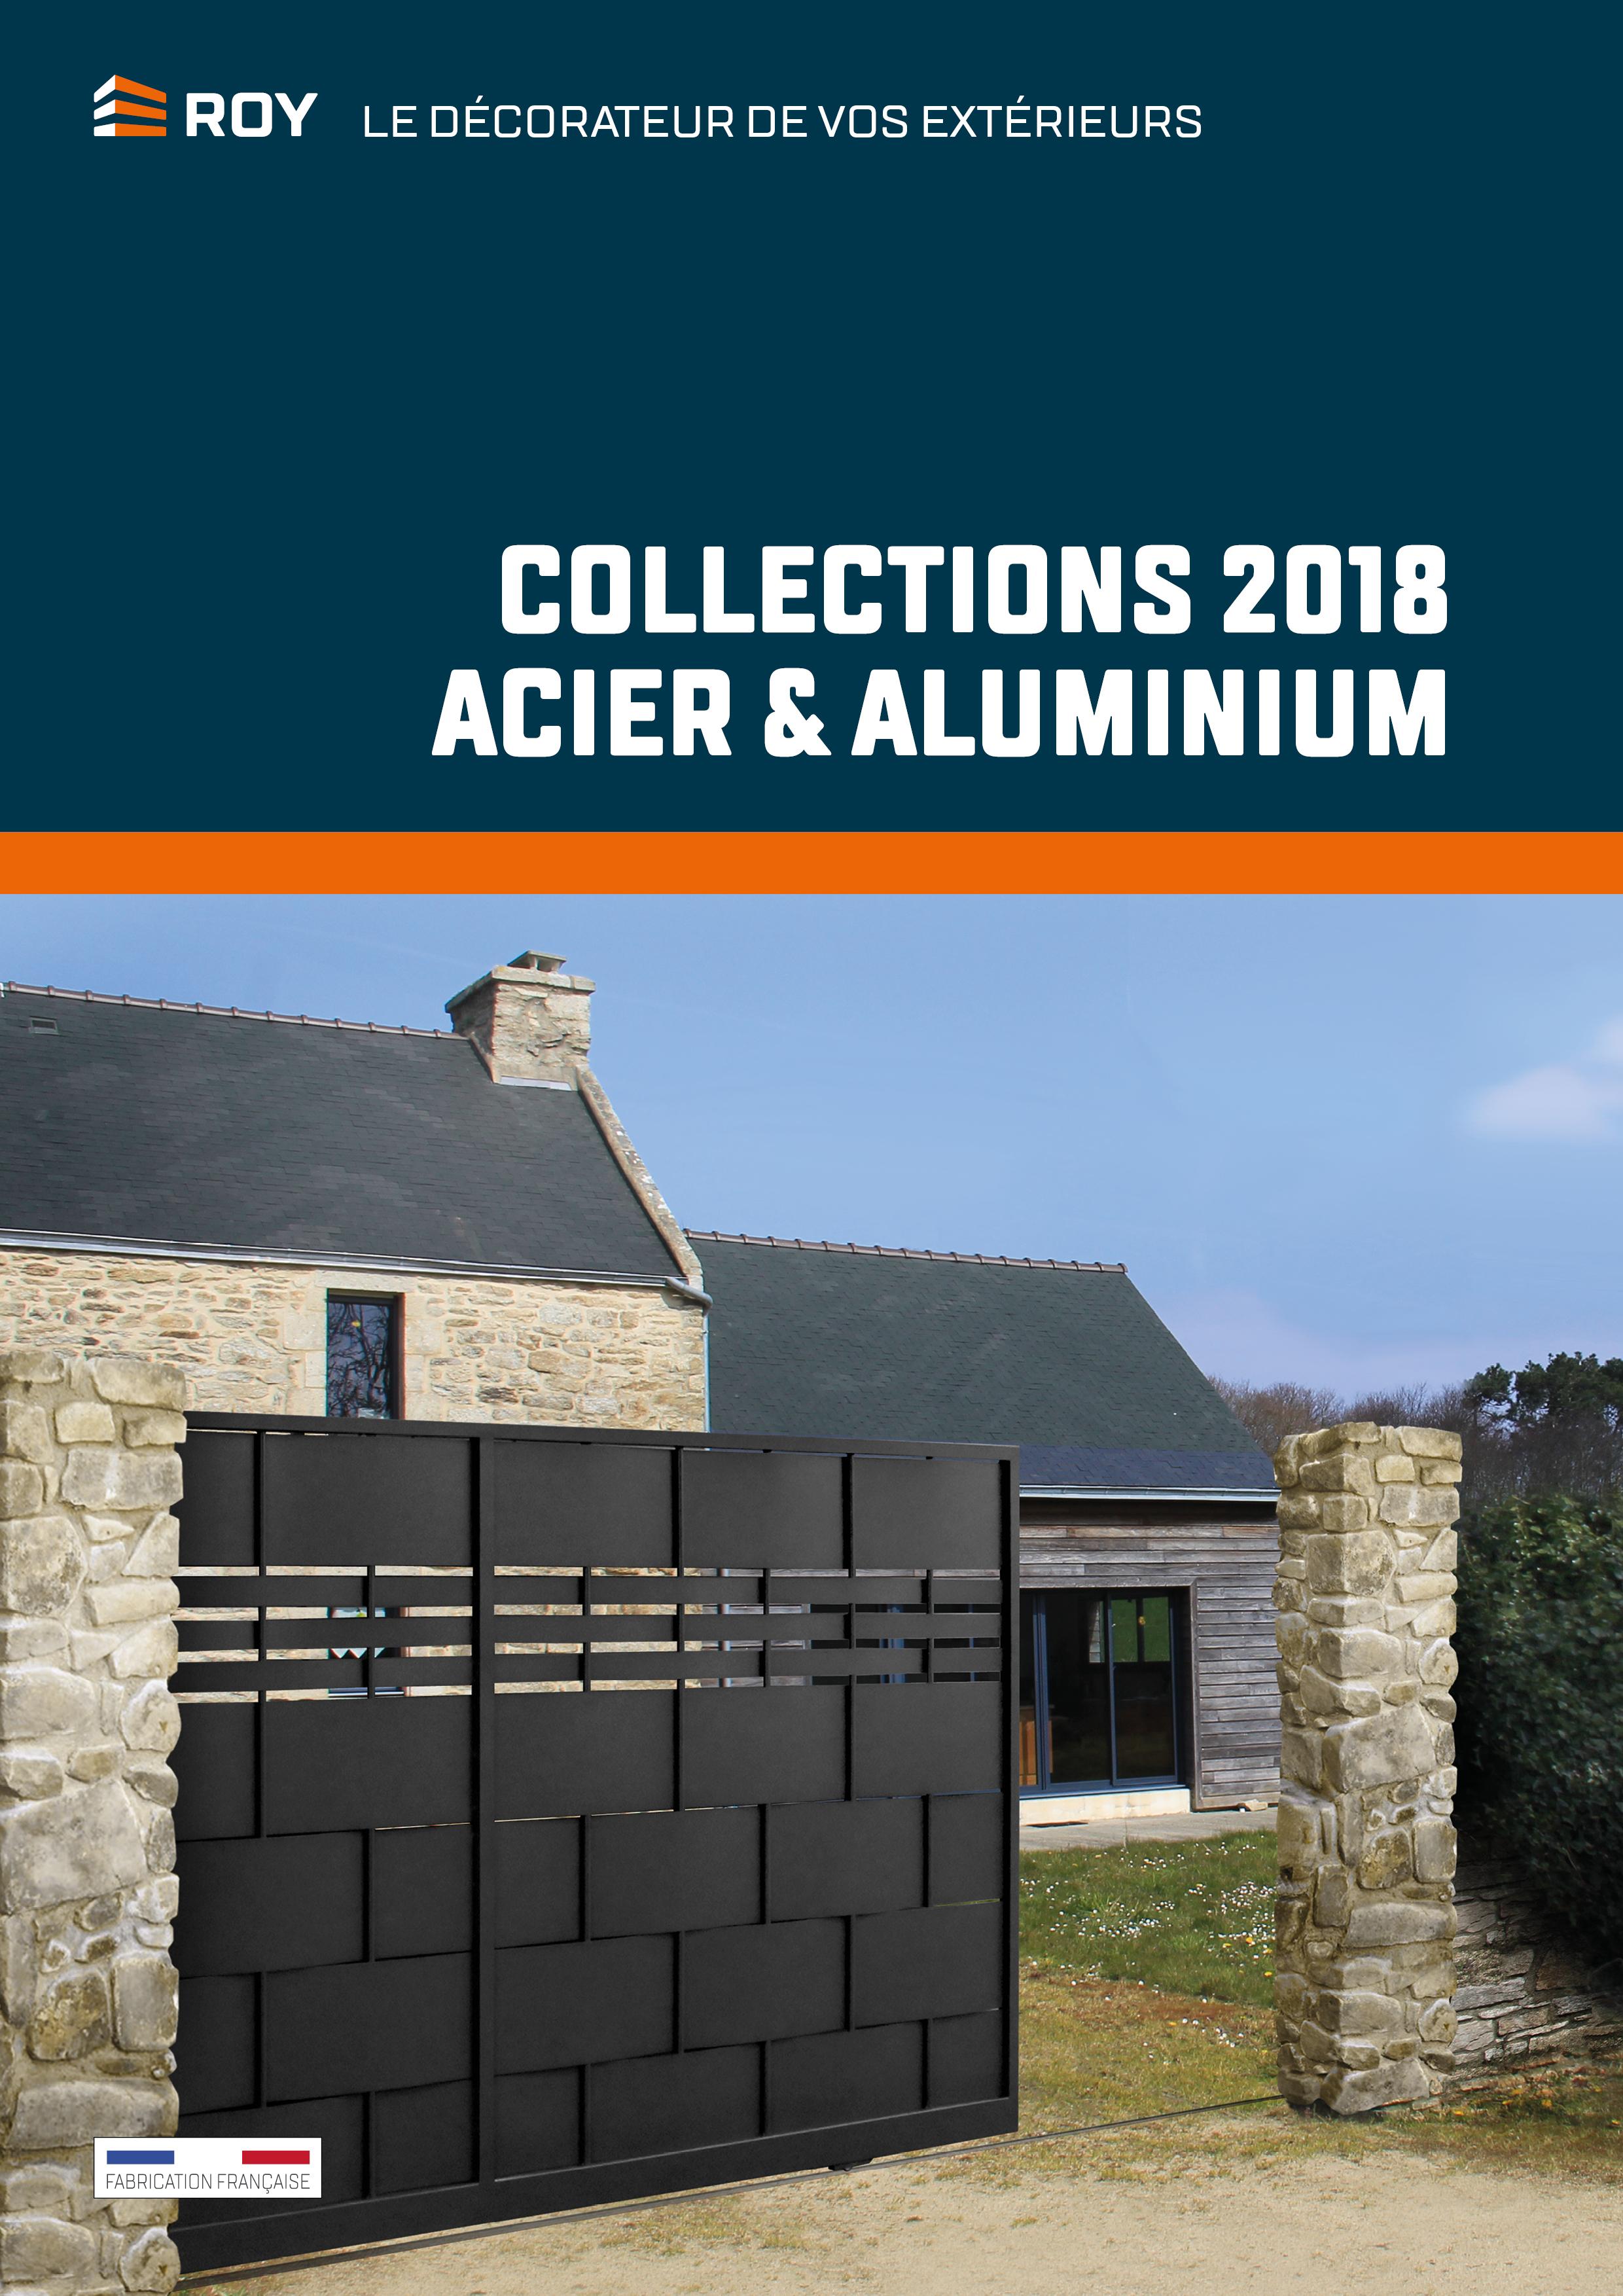 Couverture catalogue produit ROY 2018